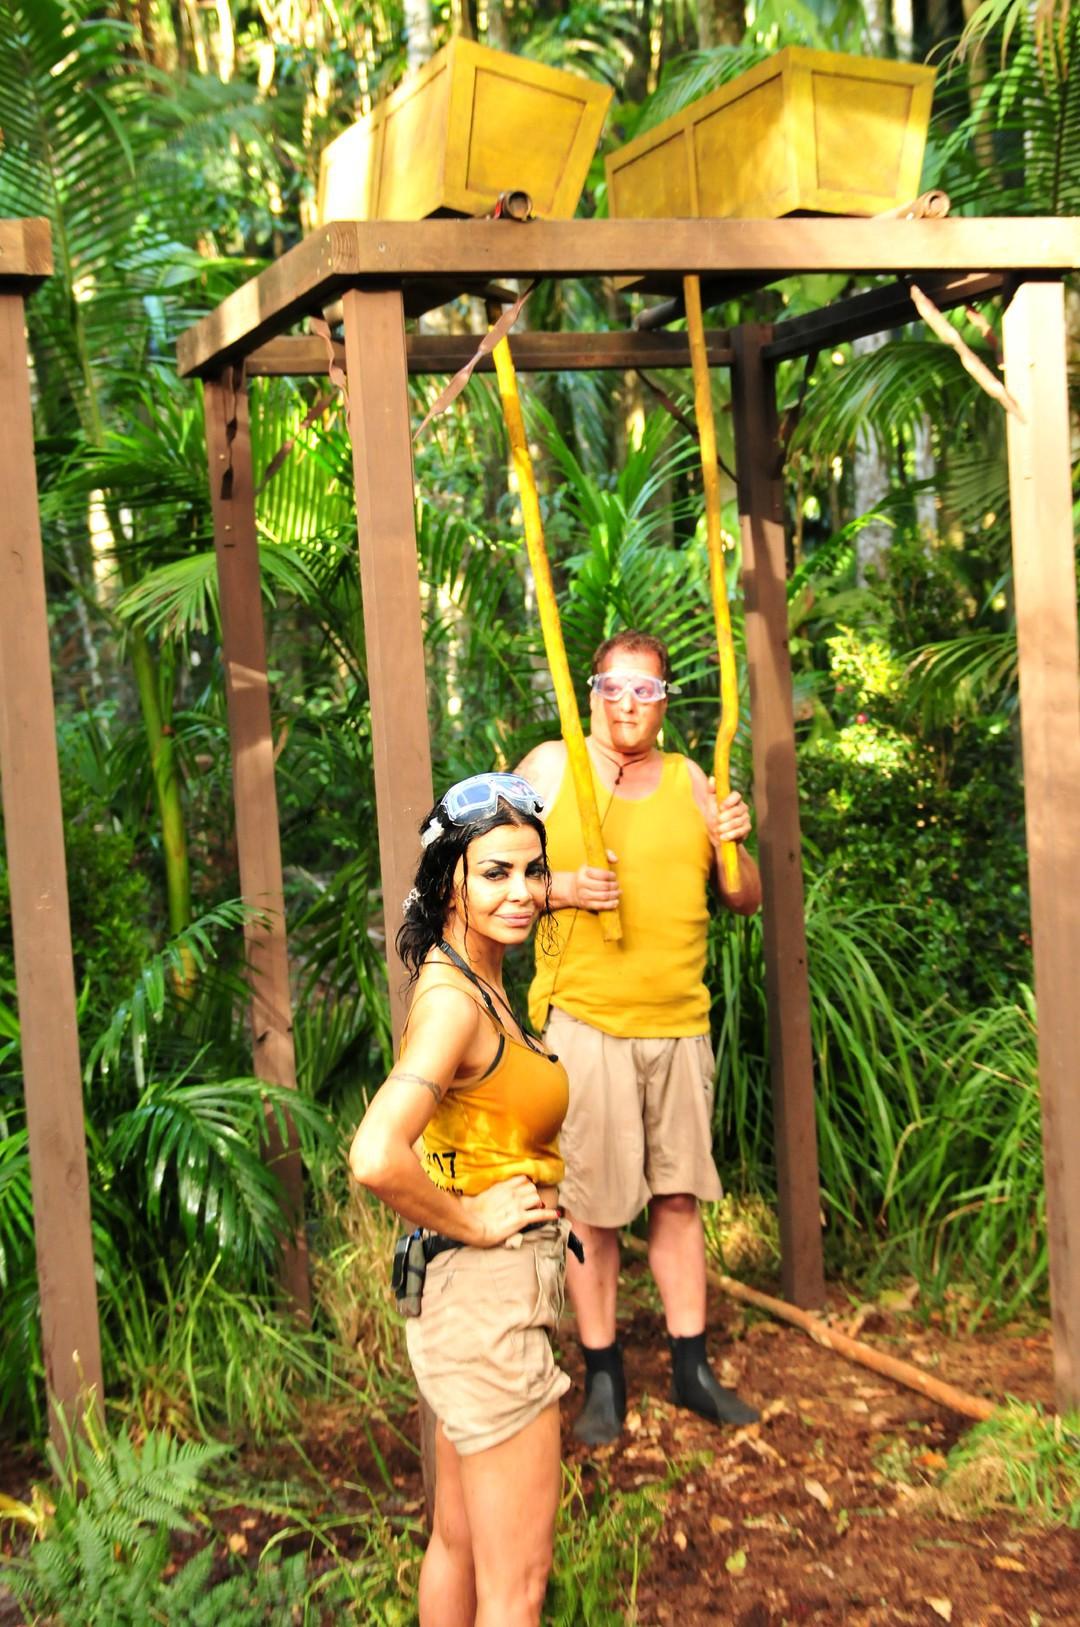 Dschungelcamp 2017 - Tag 2 - Bild 16 von 39